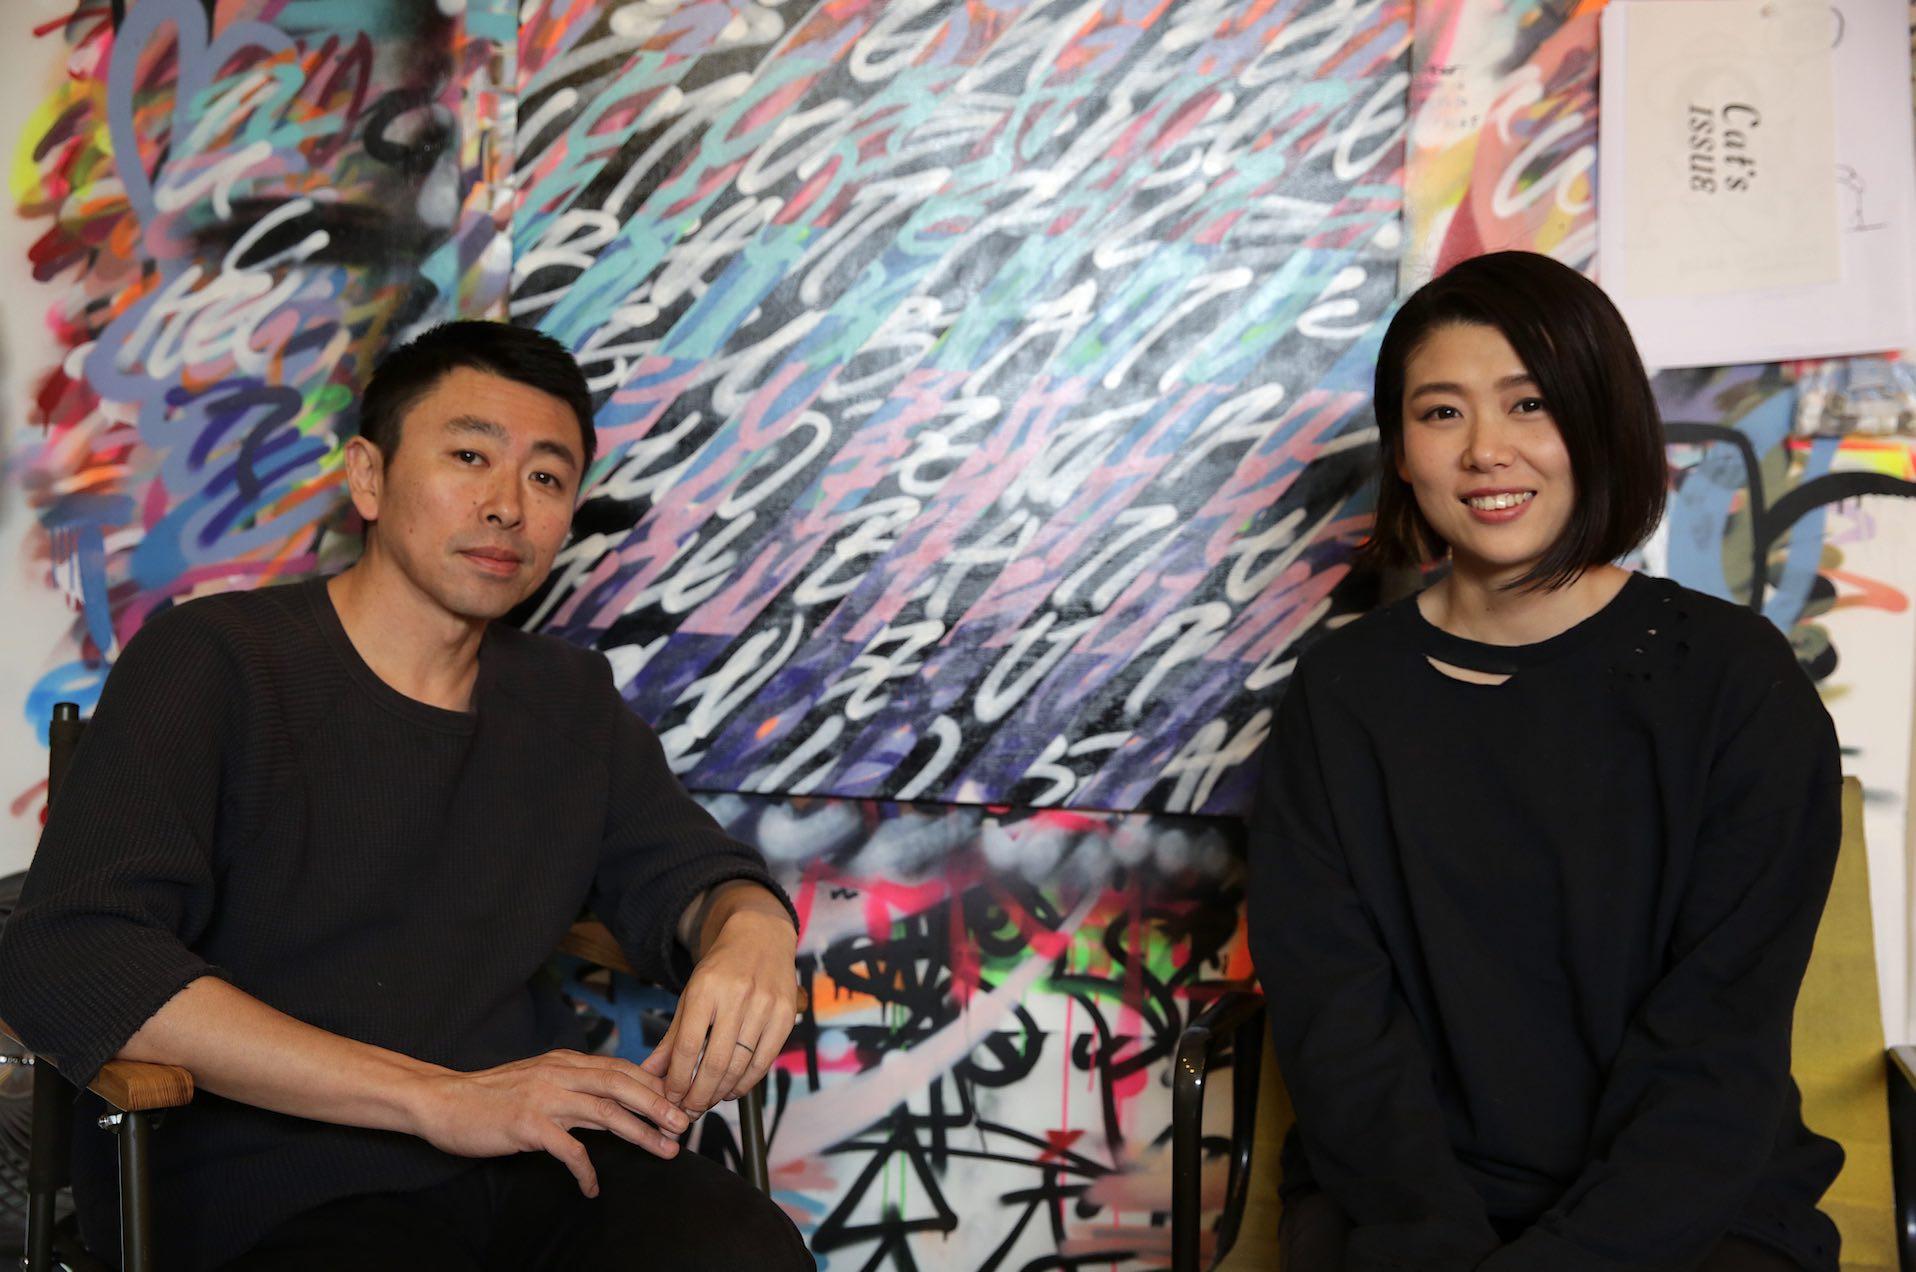 アナザーエディションコラボで話題! アーティスト神山隆二インタビュー【MINE meets ART】